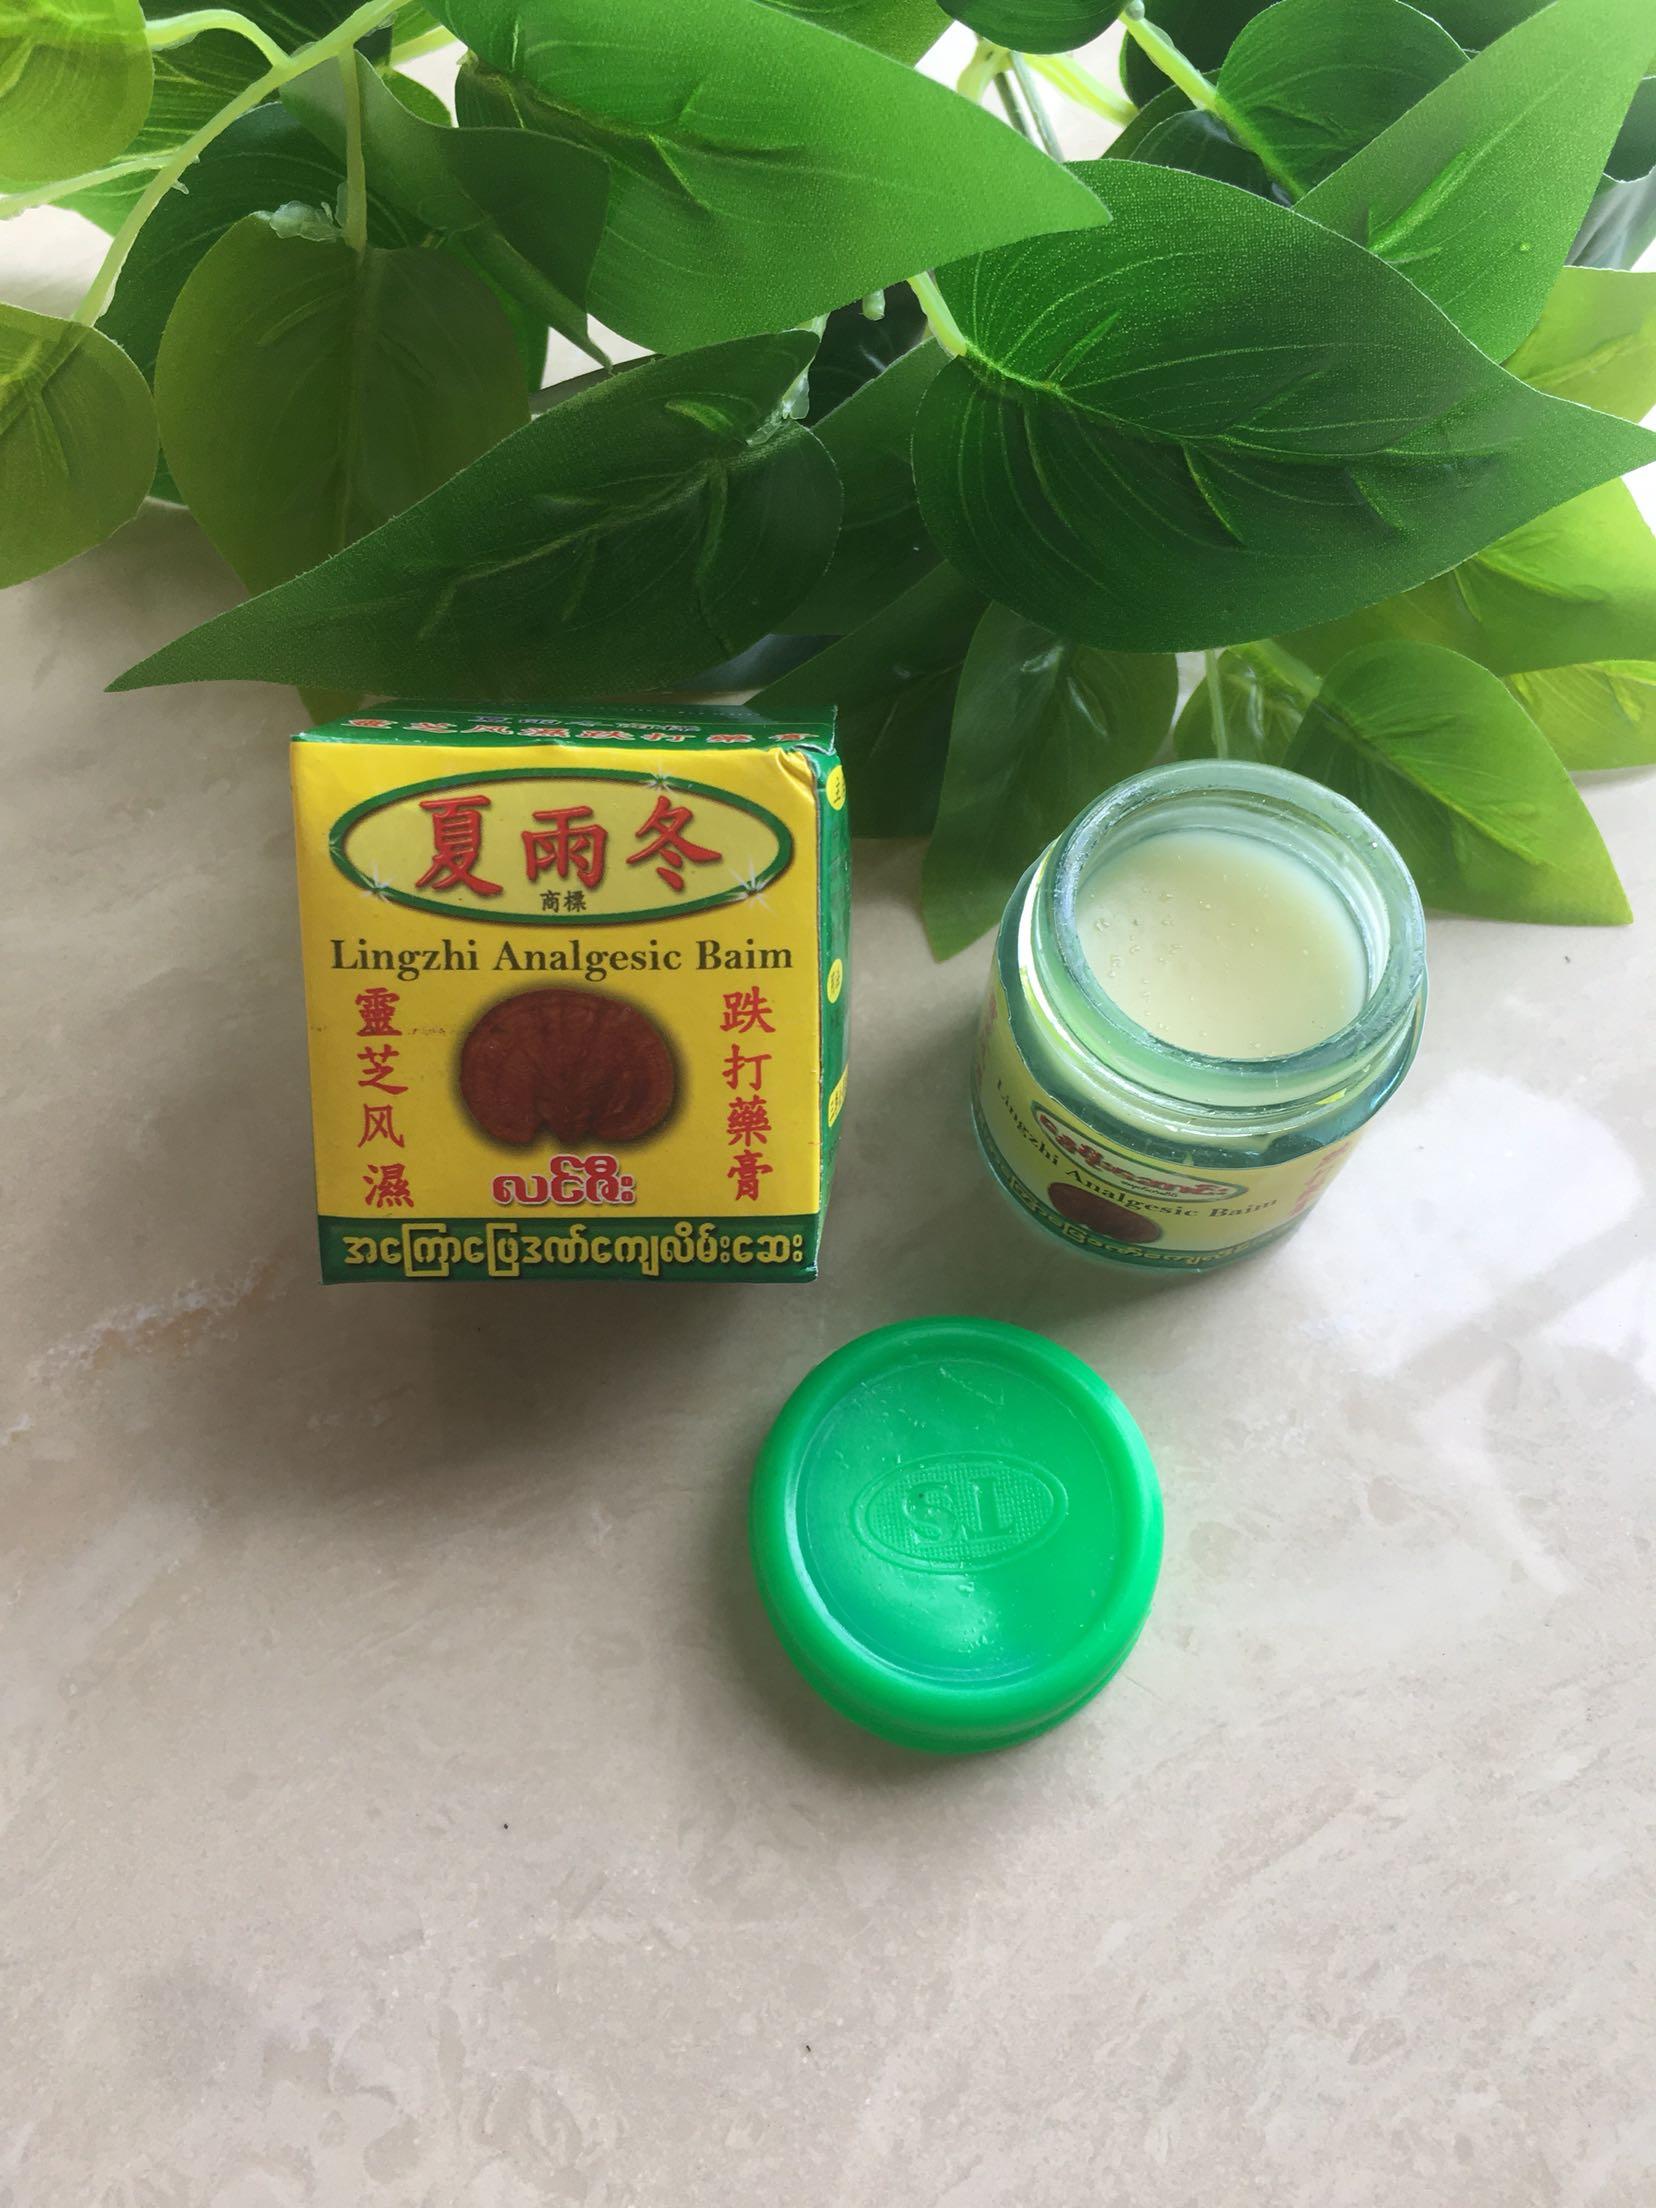 缅甸灵芝跌打药膏正品长城膏越缅泰居家旅行日用健康套装